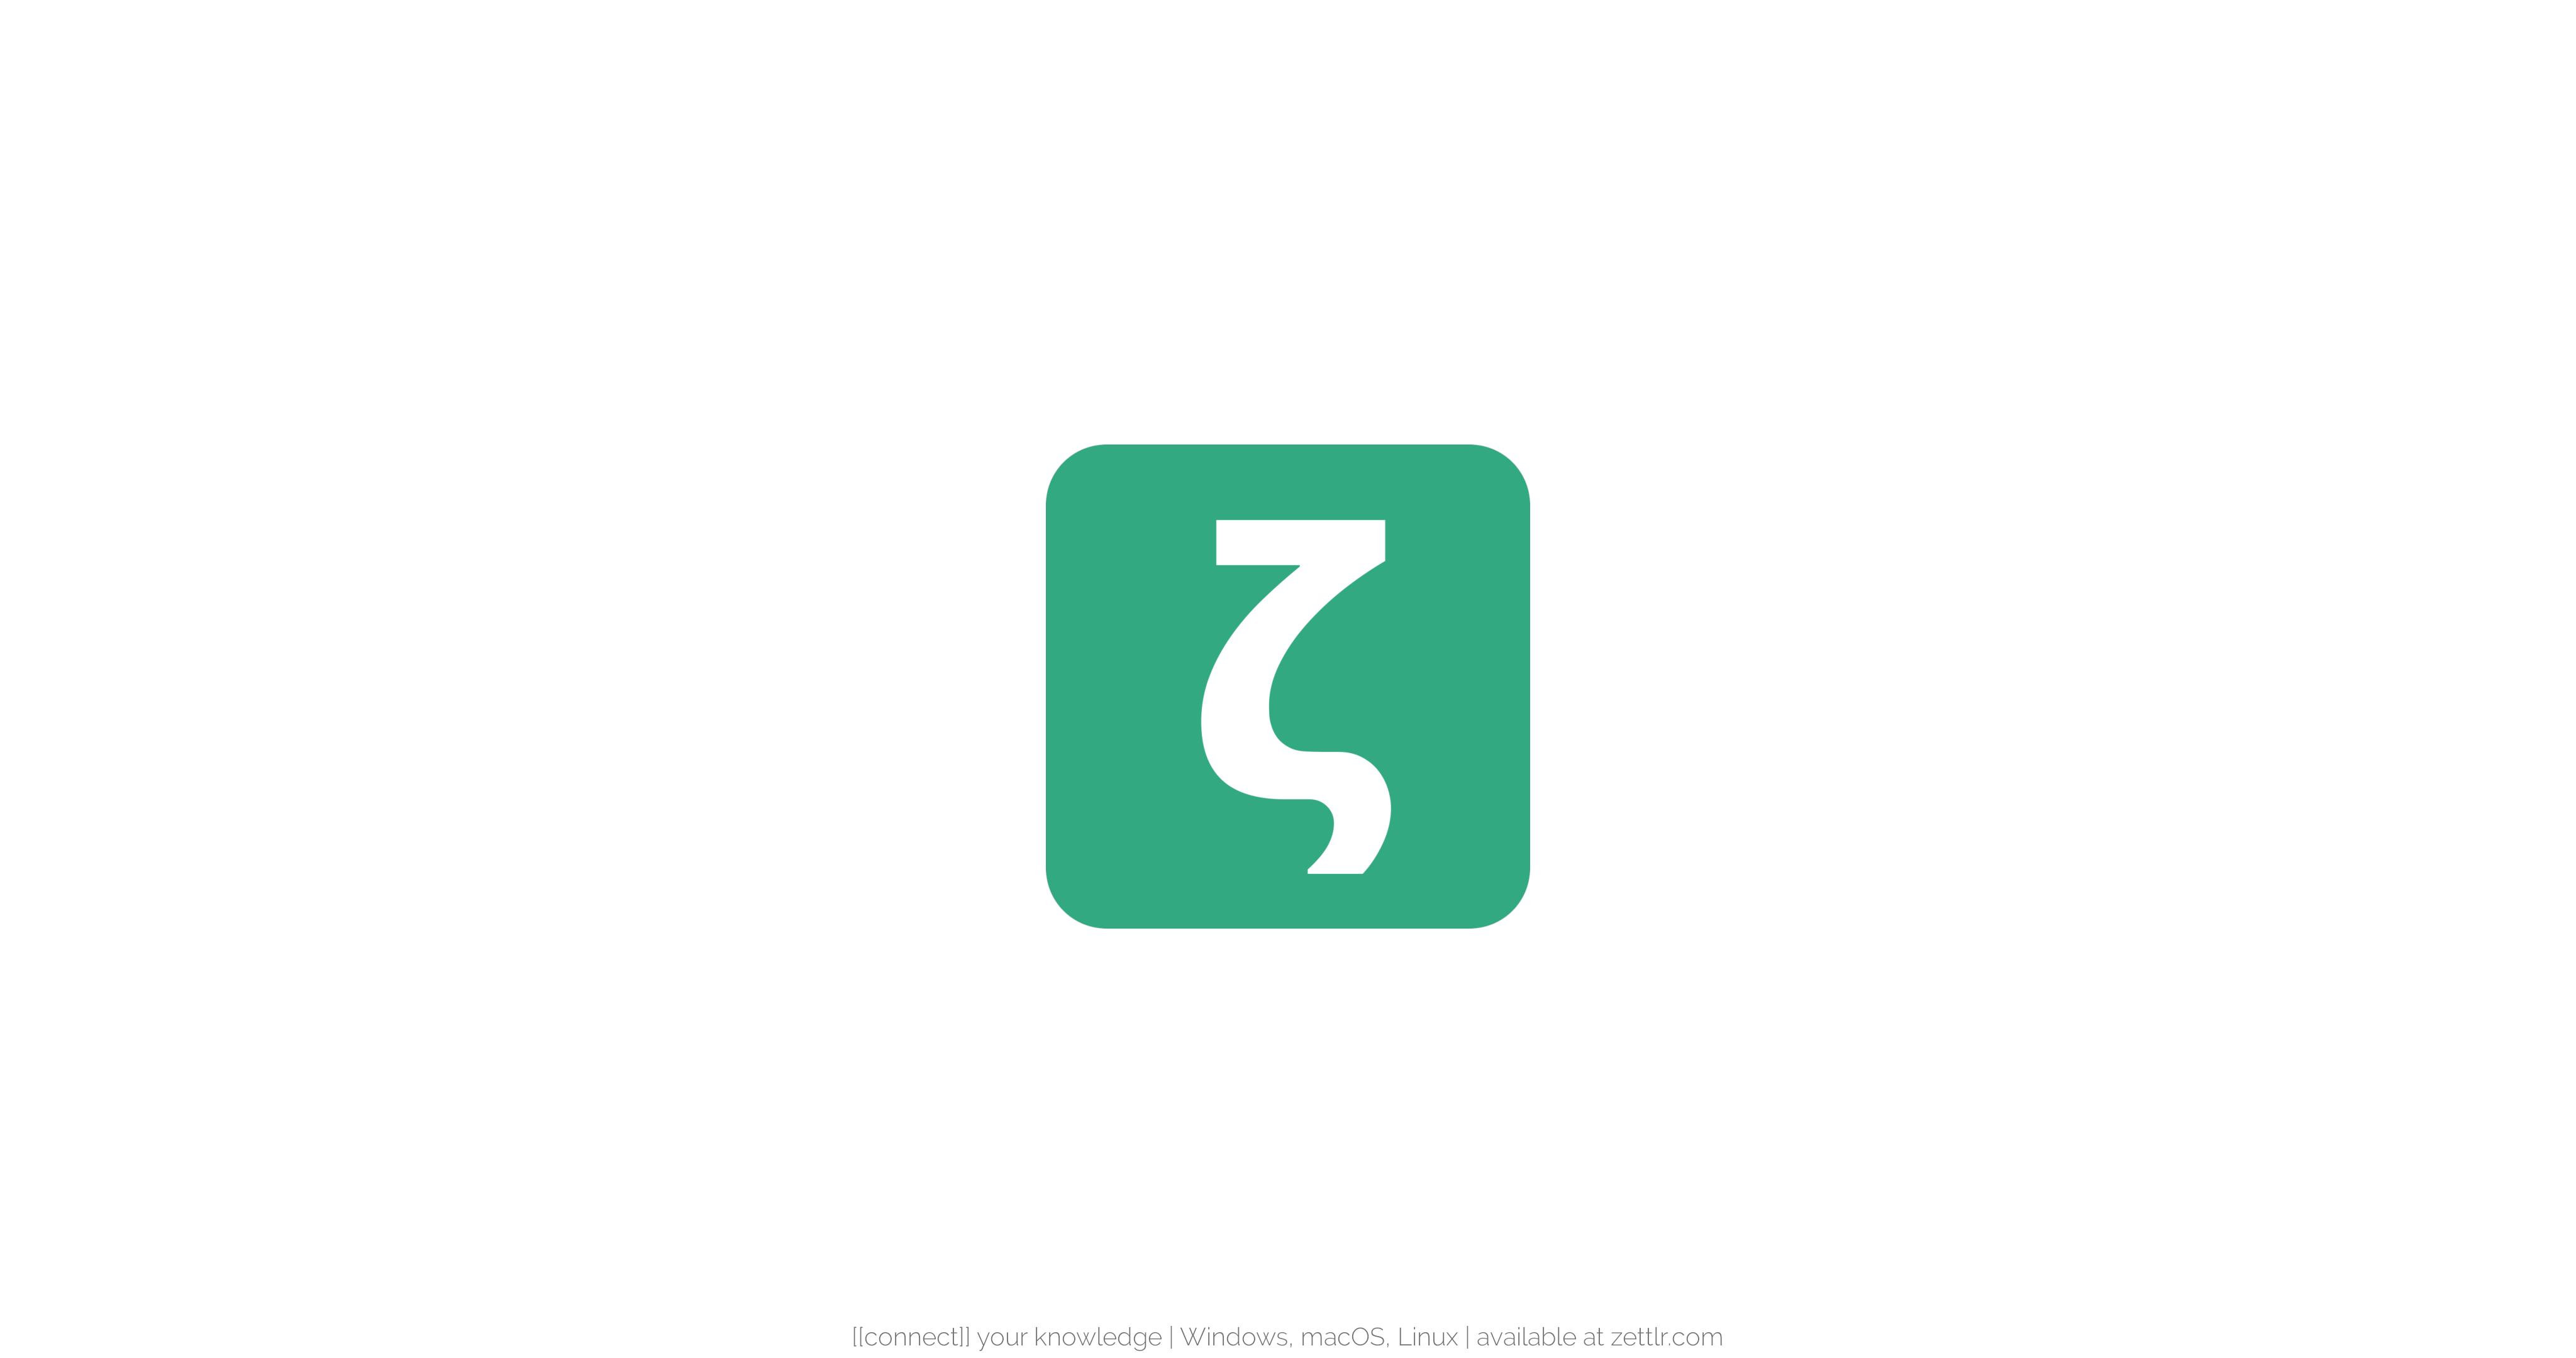 Zettlr 1.7.0 released